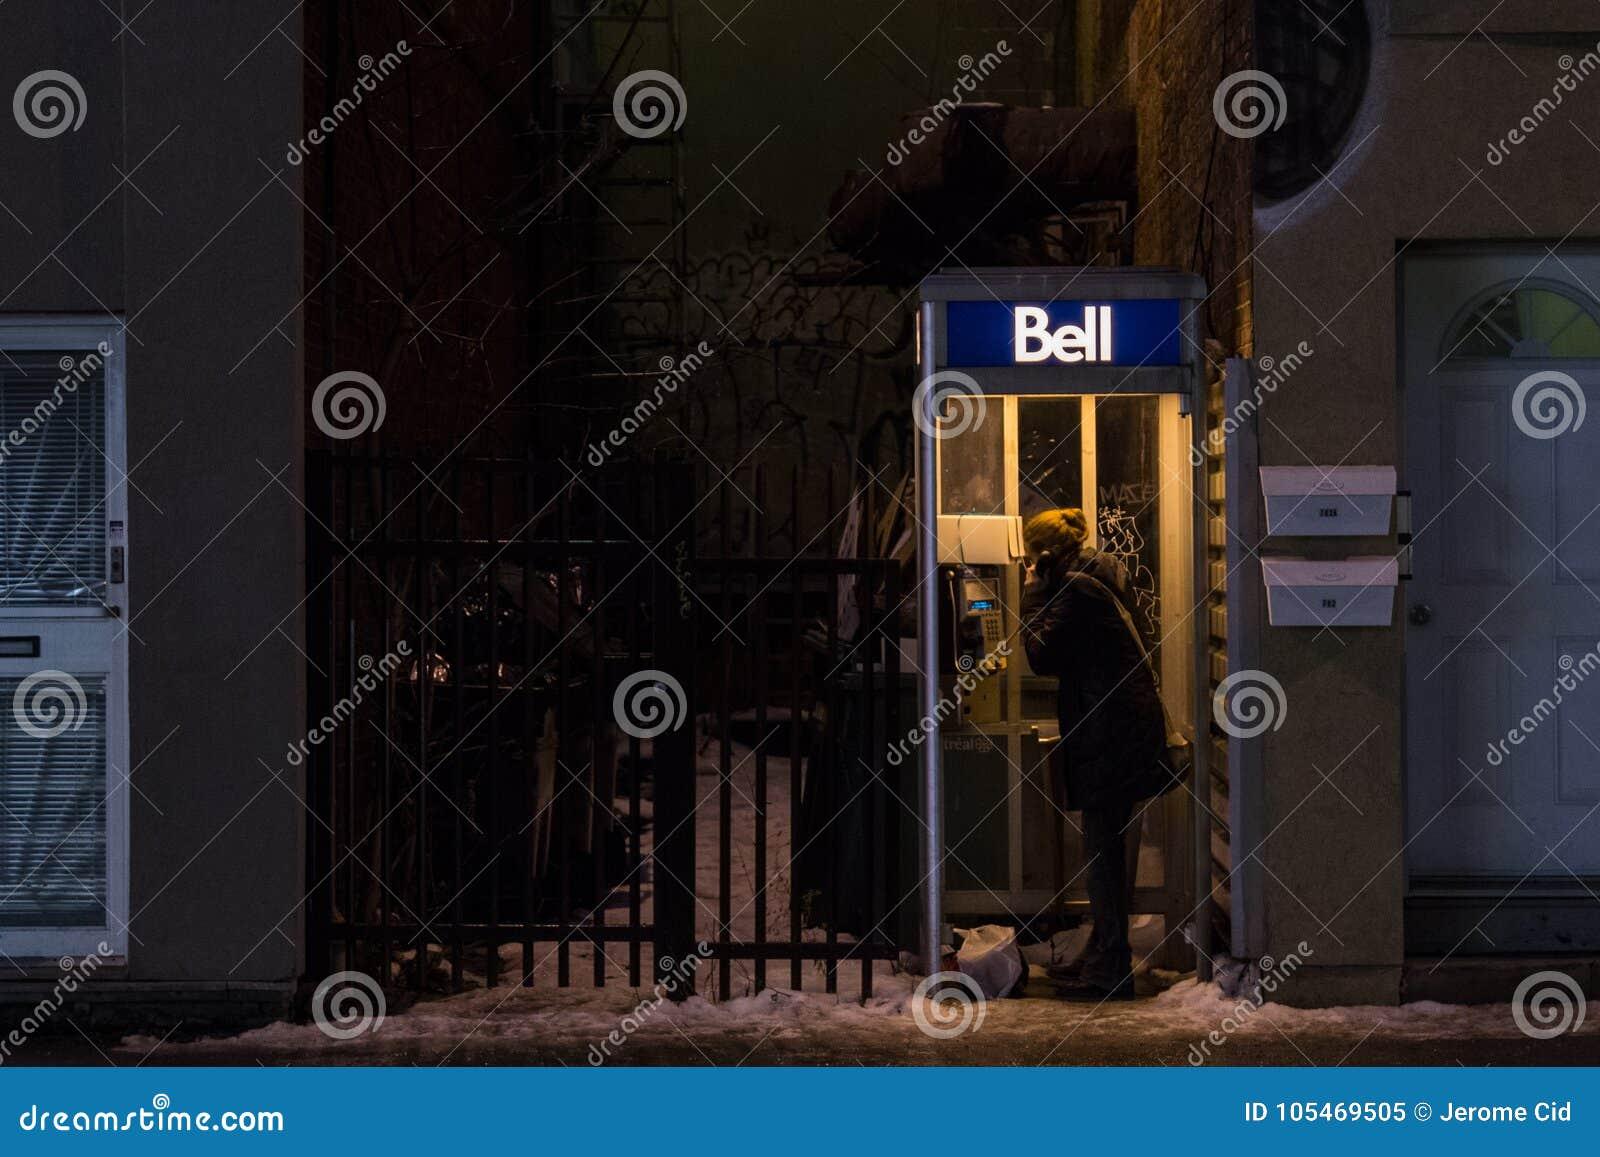 Kvinna som använder en Bell Canada Payphone i Montreal i aftonen under tung snö